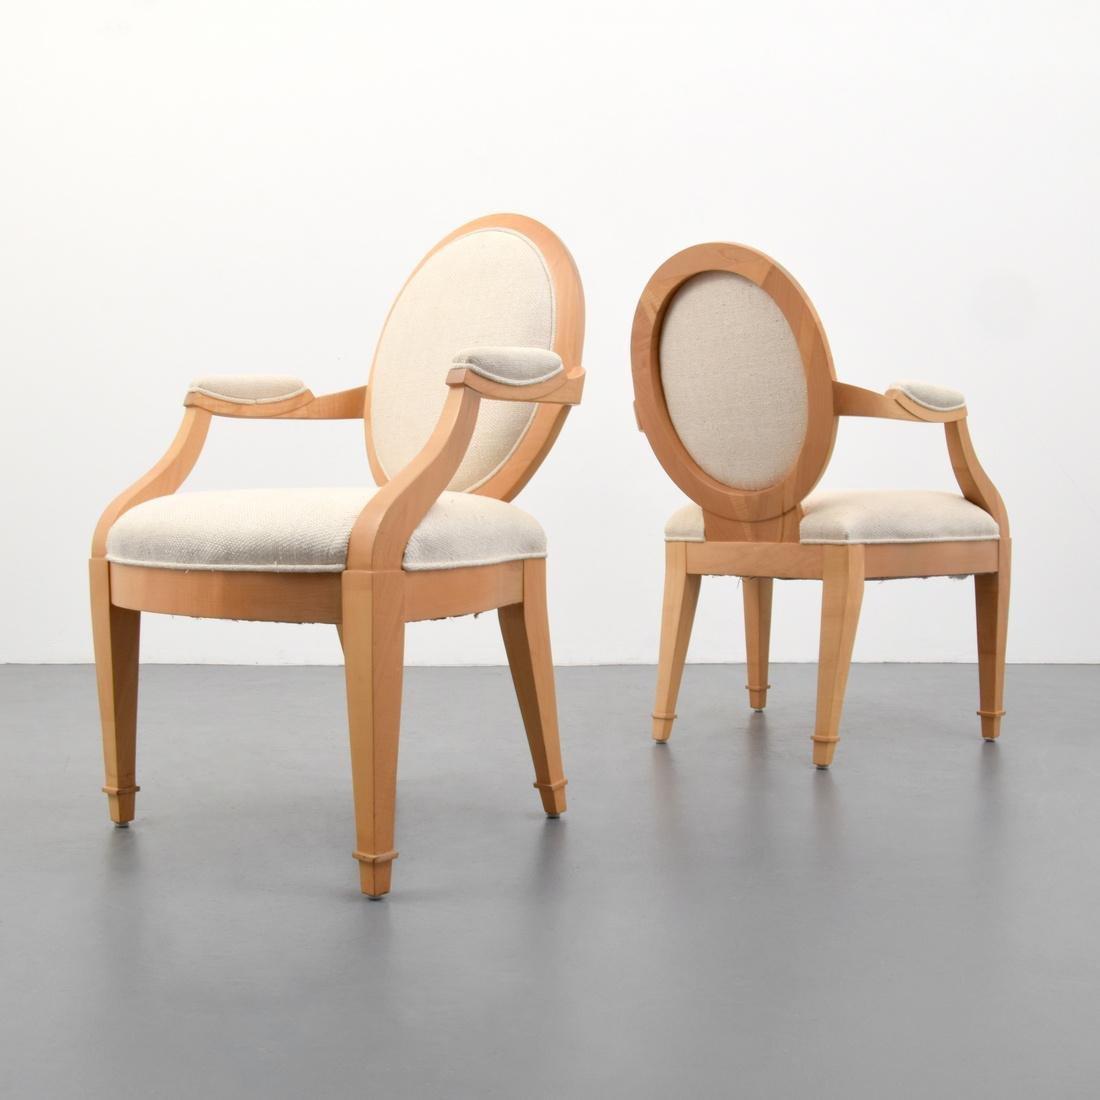 Pair of John Hutton Arm Chairs